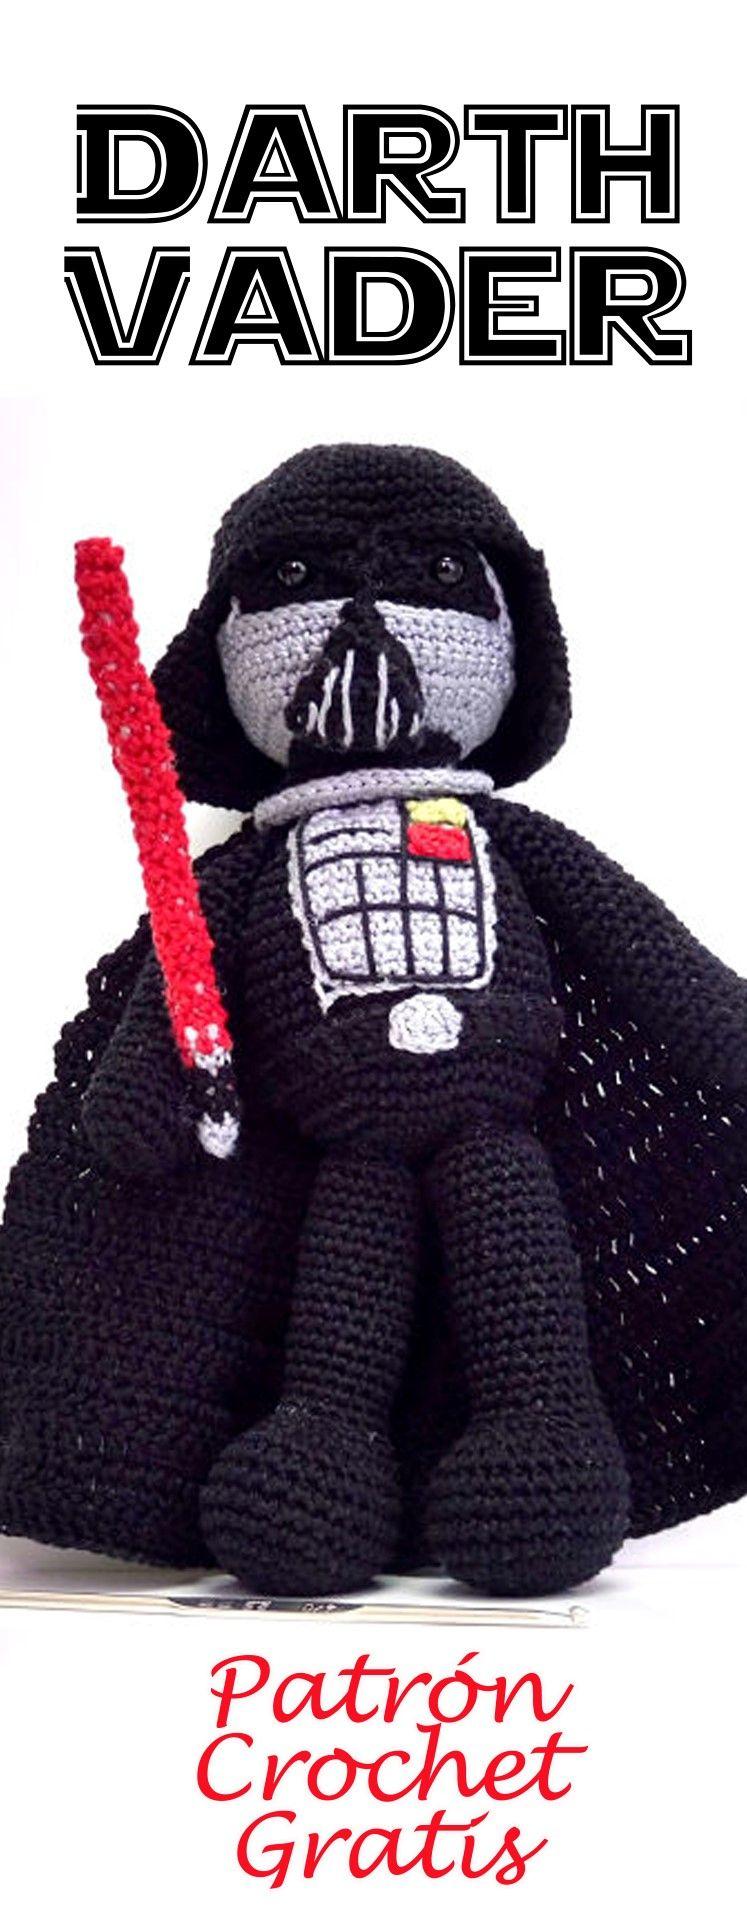 Darth Vader Amigurumi Doll: Free Crochet Pattern | Pinterest ...